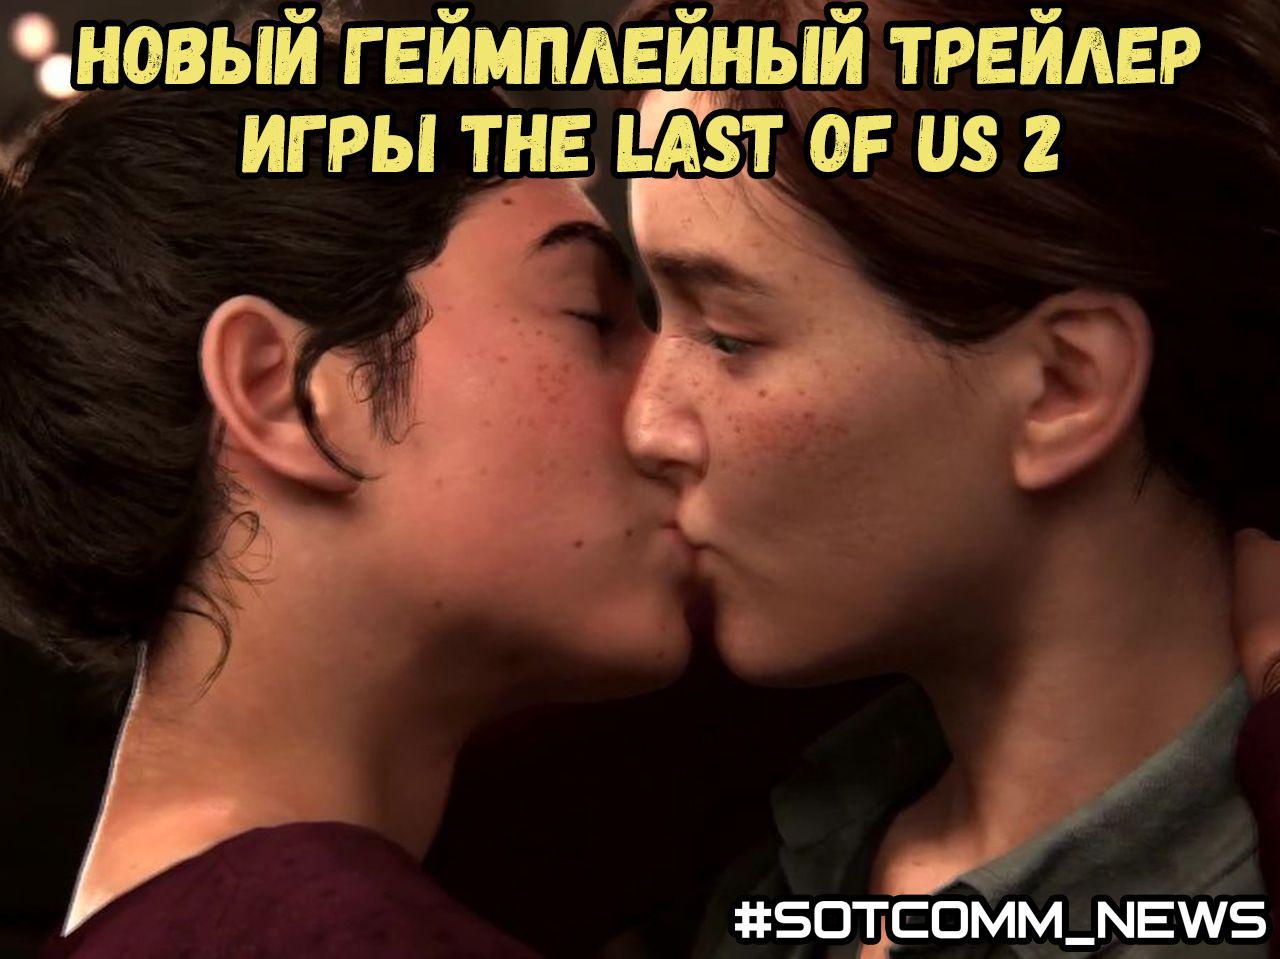 Новый геймплейный трейлер игры The Last of Us 2